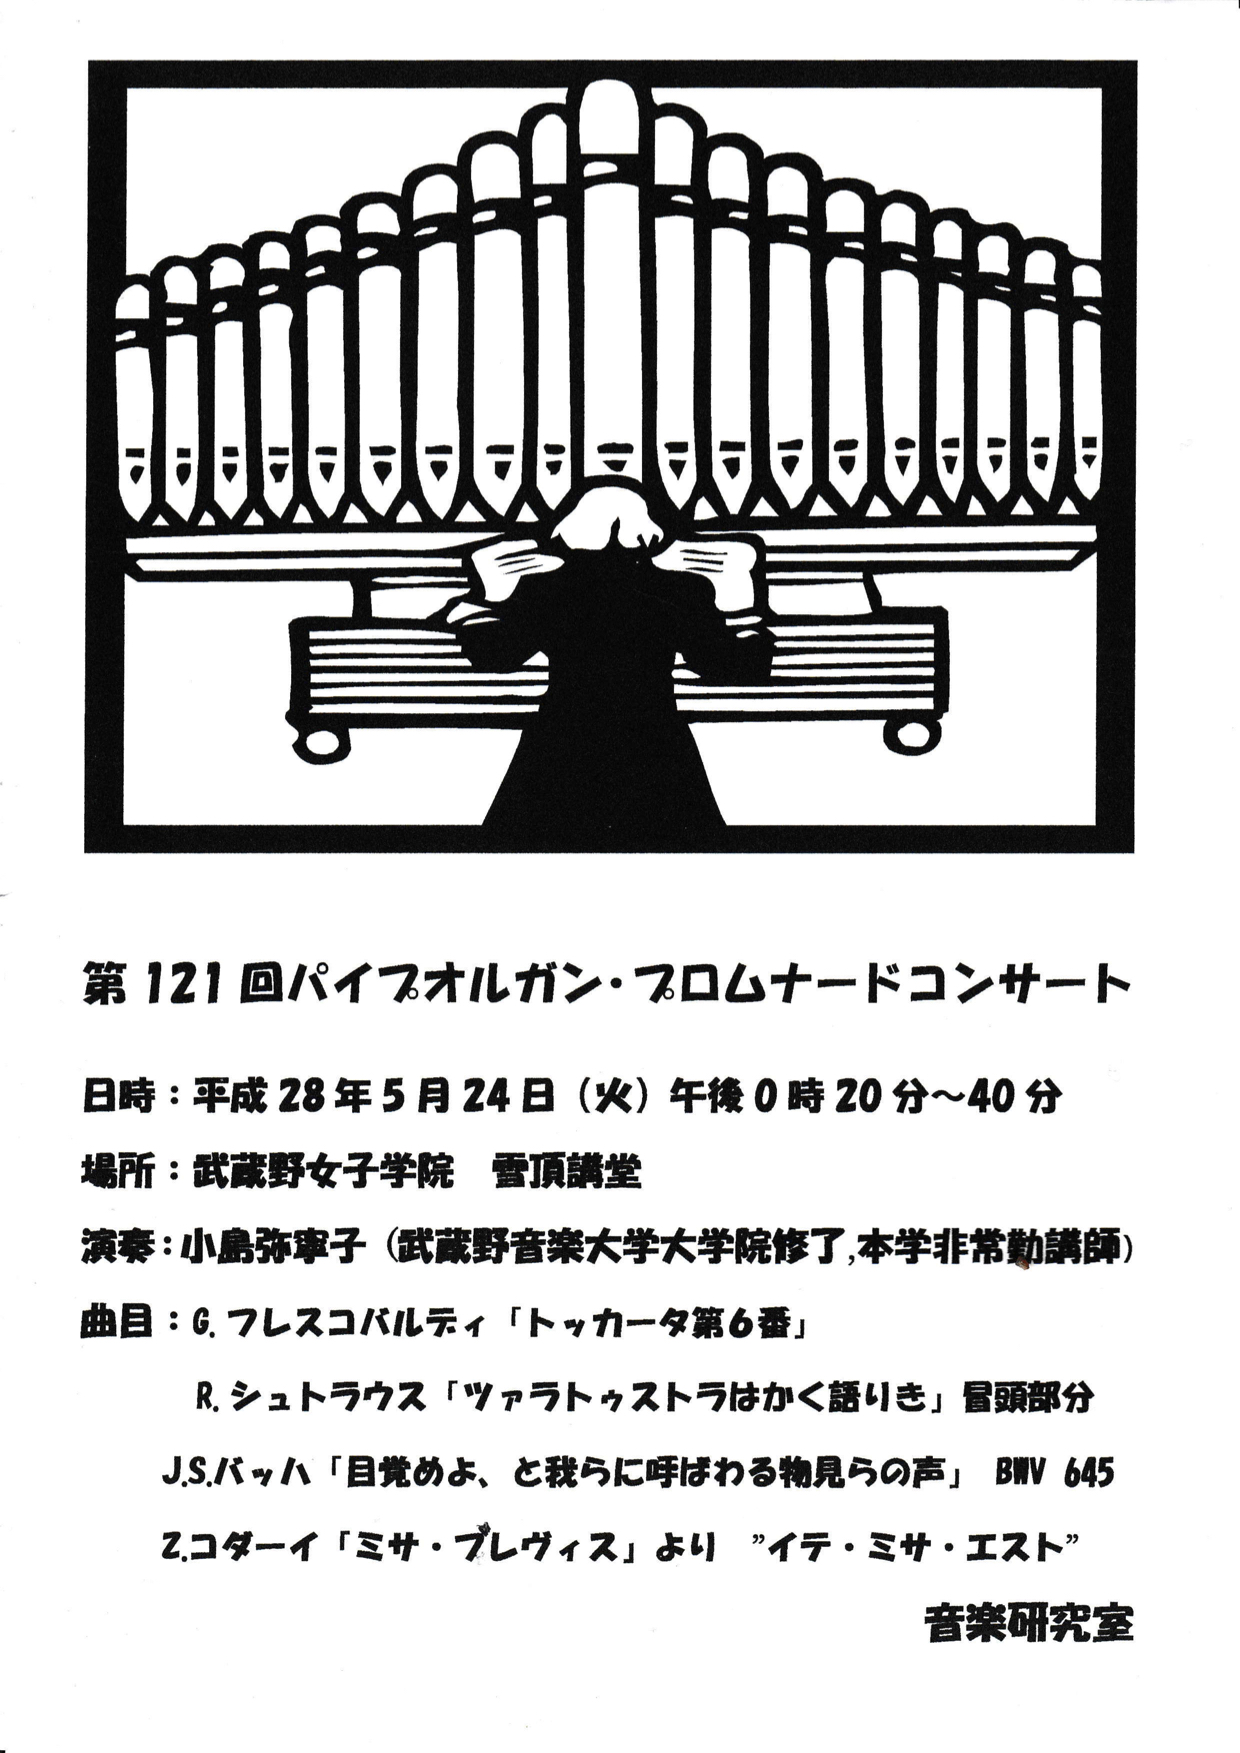 武蔵野大学パイプオルガン・プロムナードコンサート